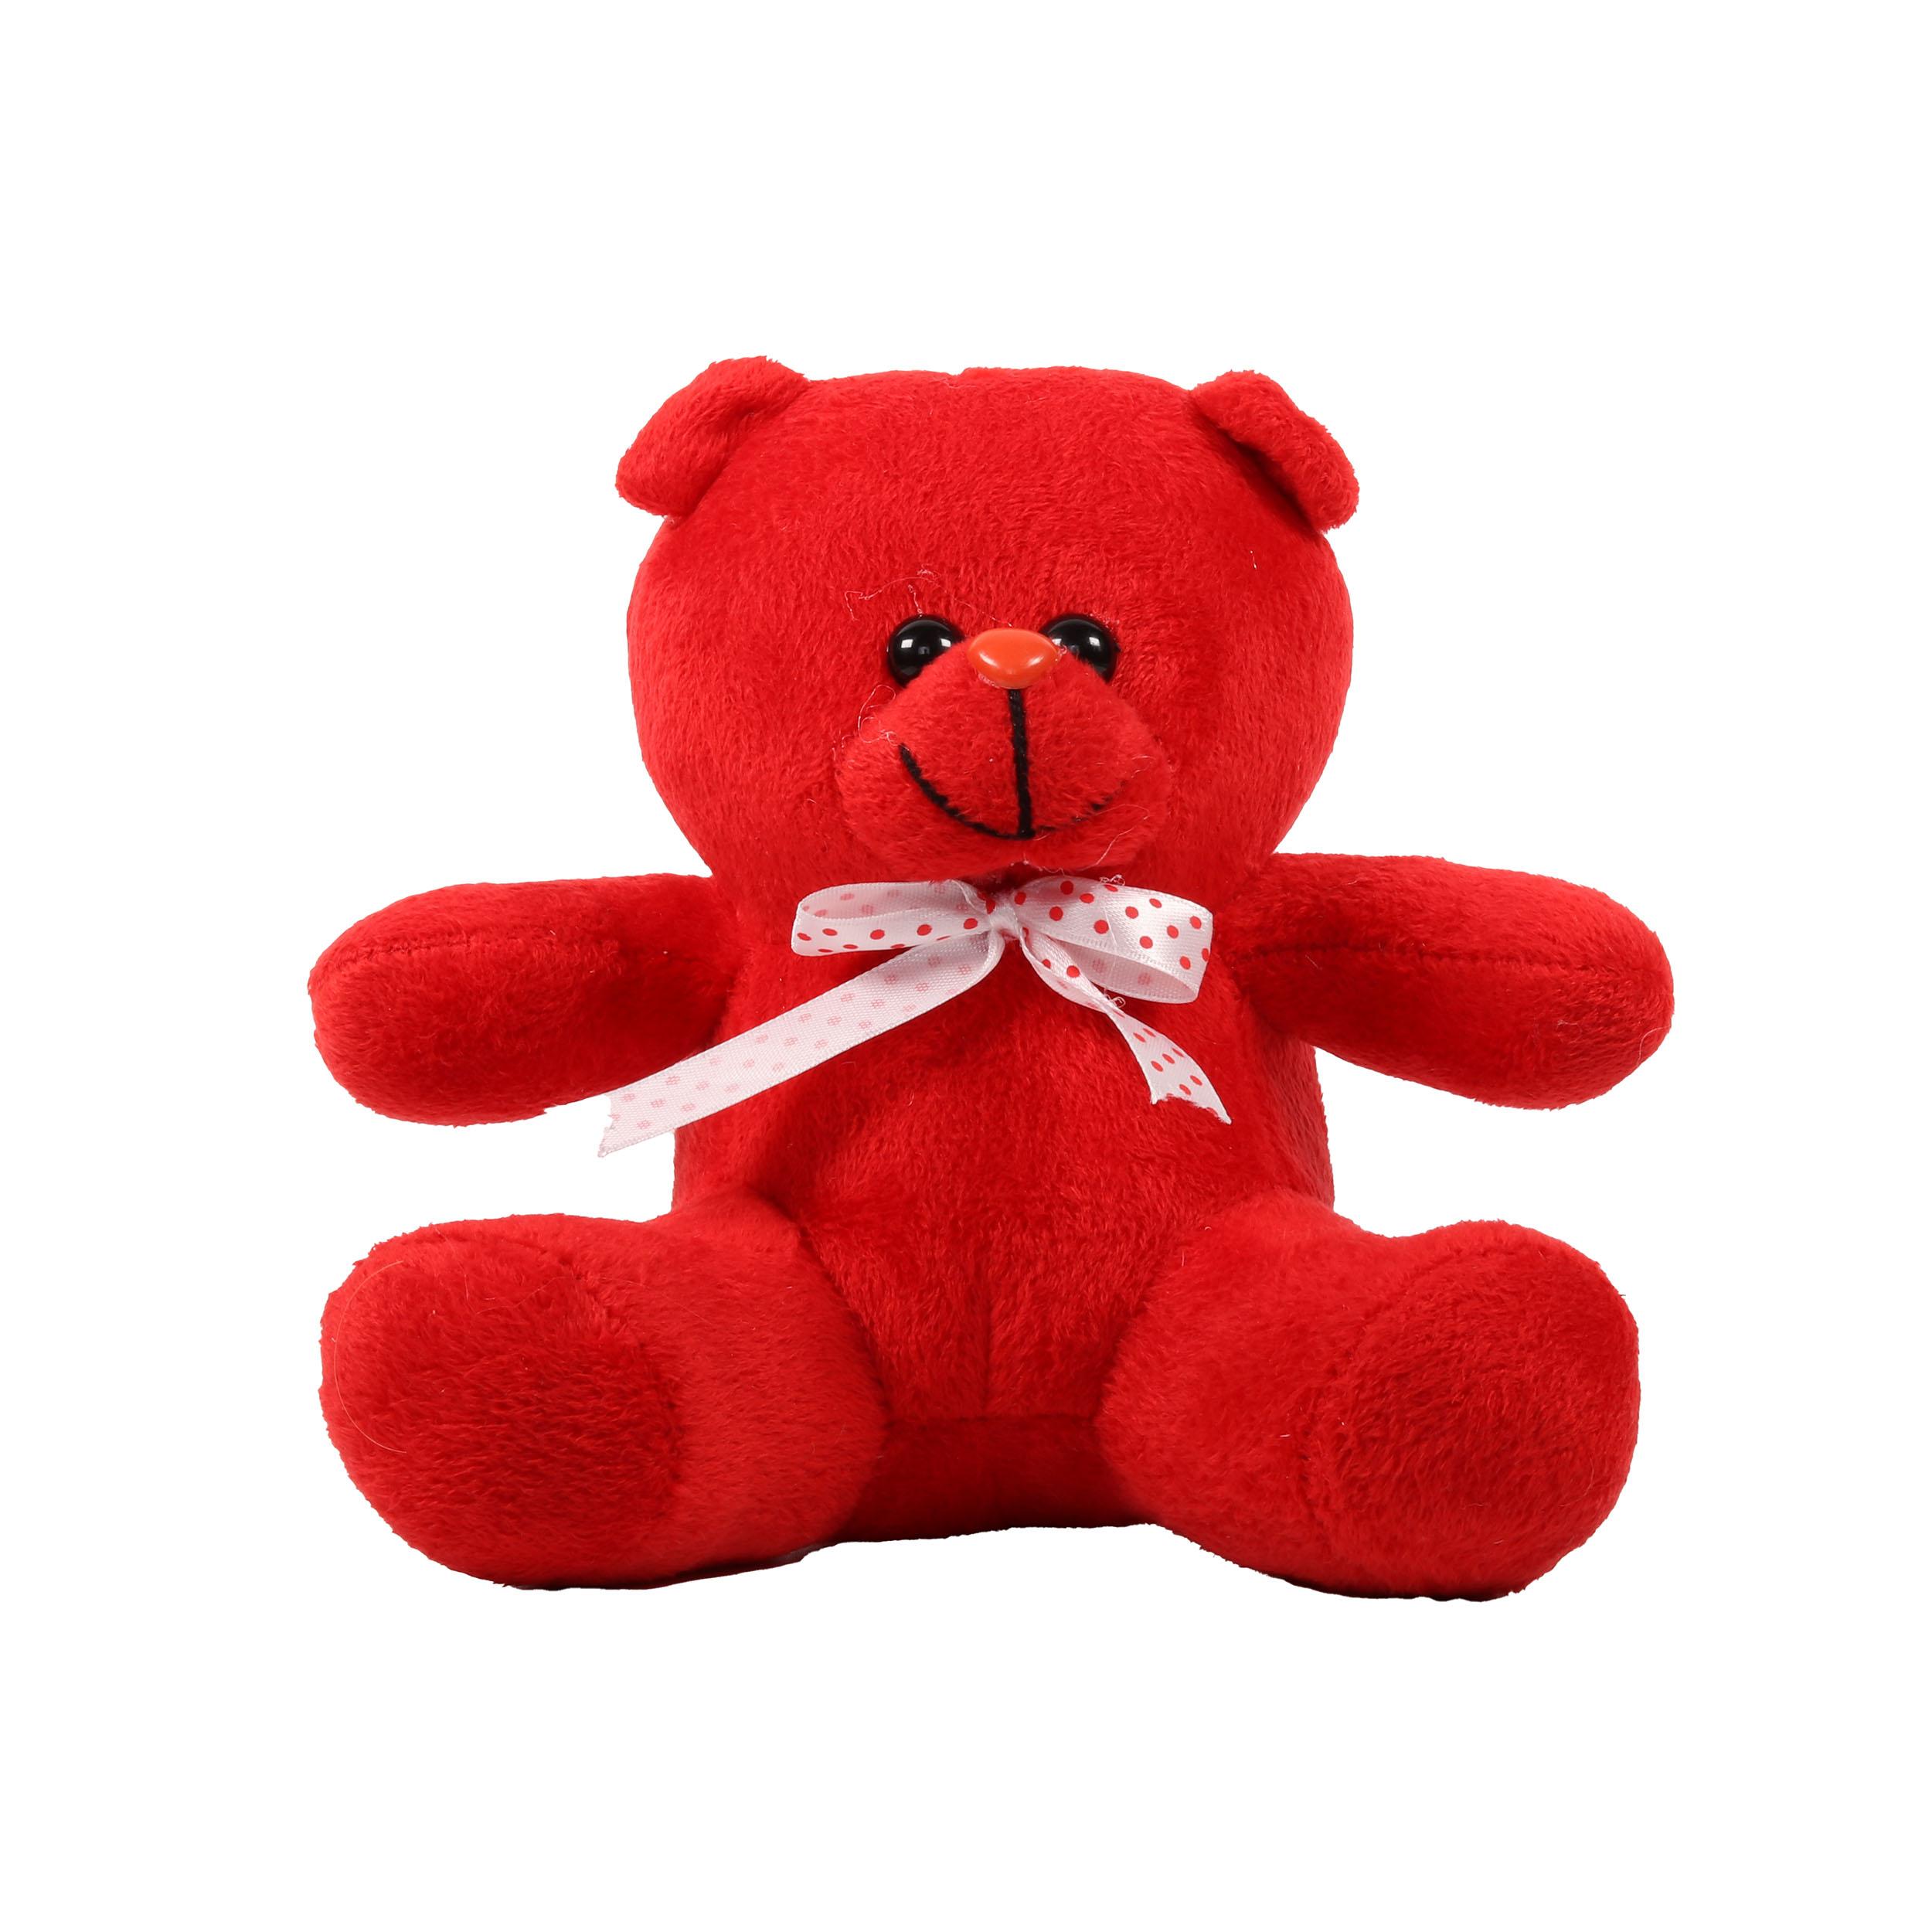 عروسک طرح خرس کد 4433 ارتفاع 20 سانتی متر